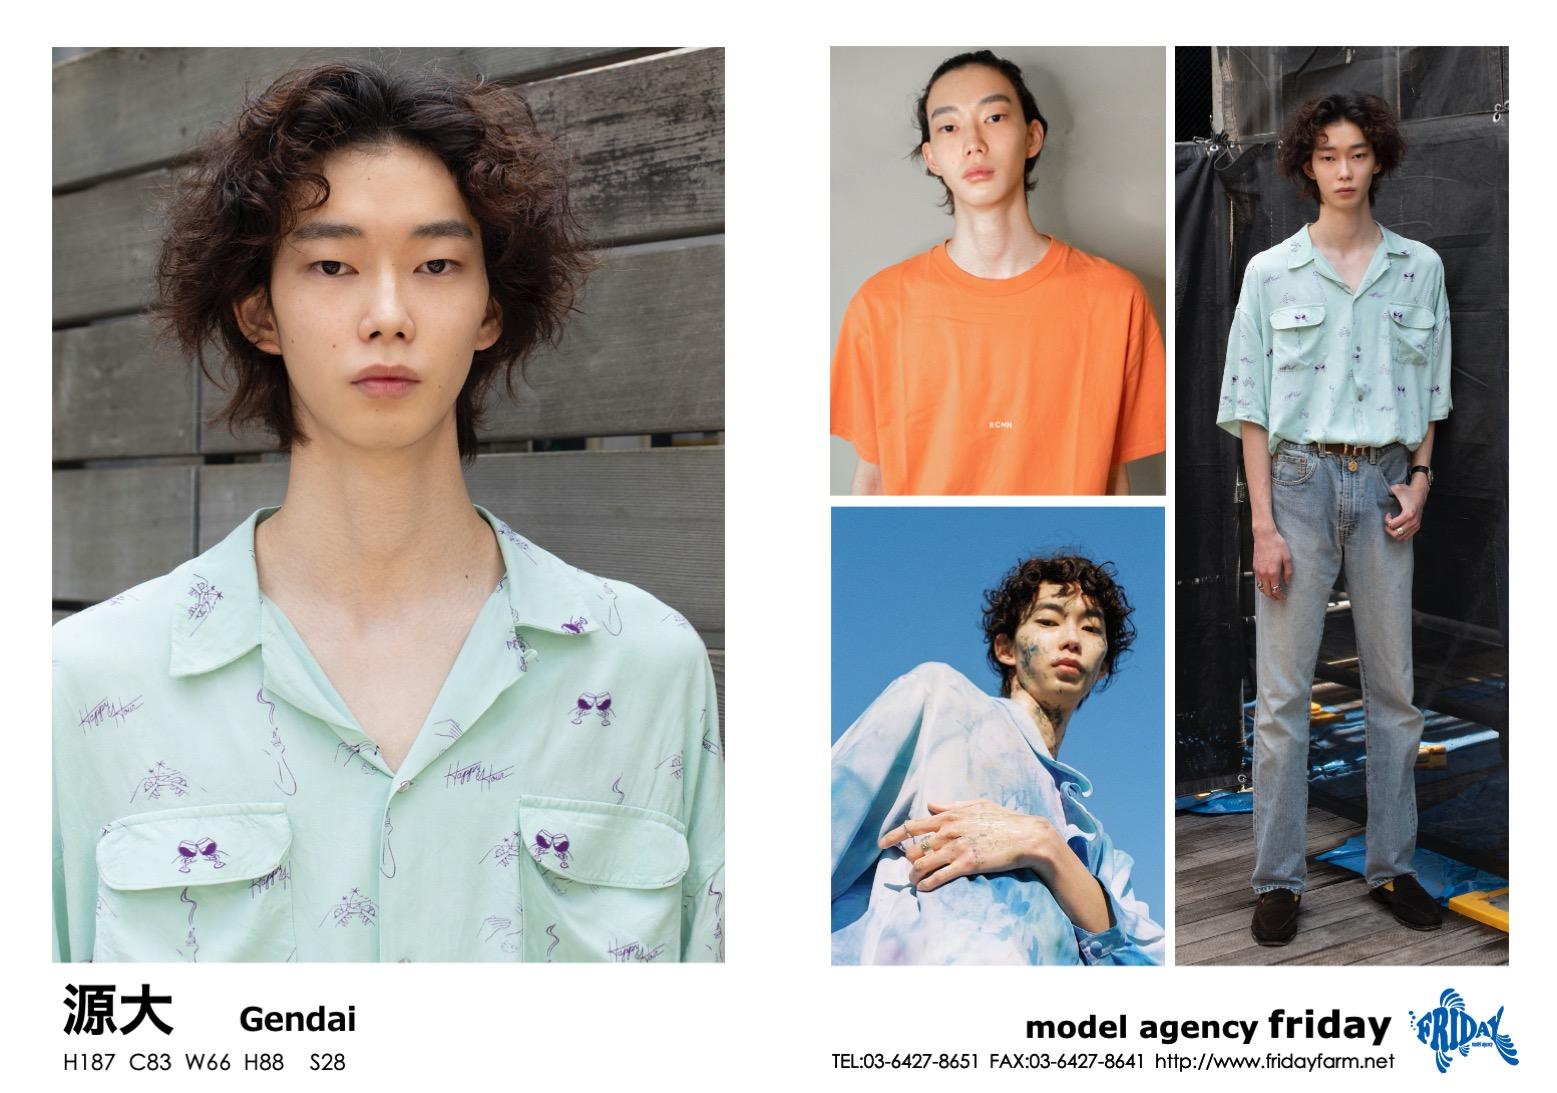 源大 - Gendai   model agency friday